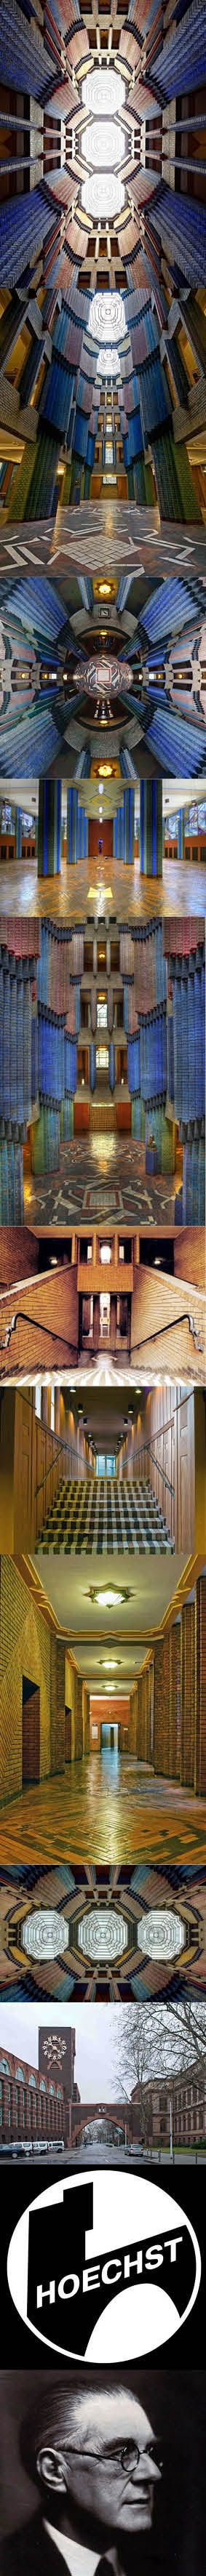 1920-1924 Behrens - Hoechst Technical Administration Building / Technisches Verwaltungsgebäude / Peter Behrens Bau / Frankfurt / brick expressionist / Germany / expressionism